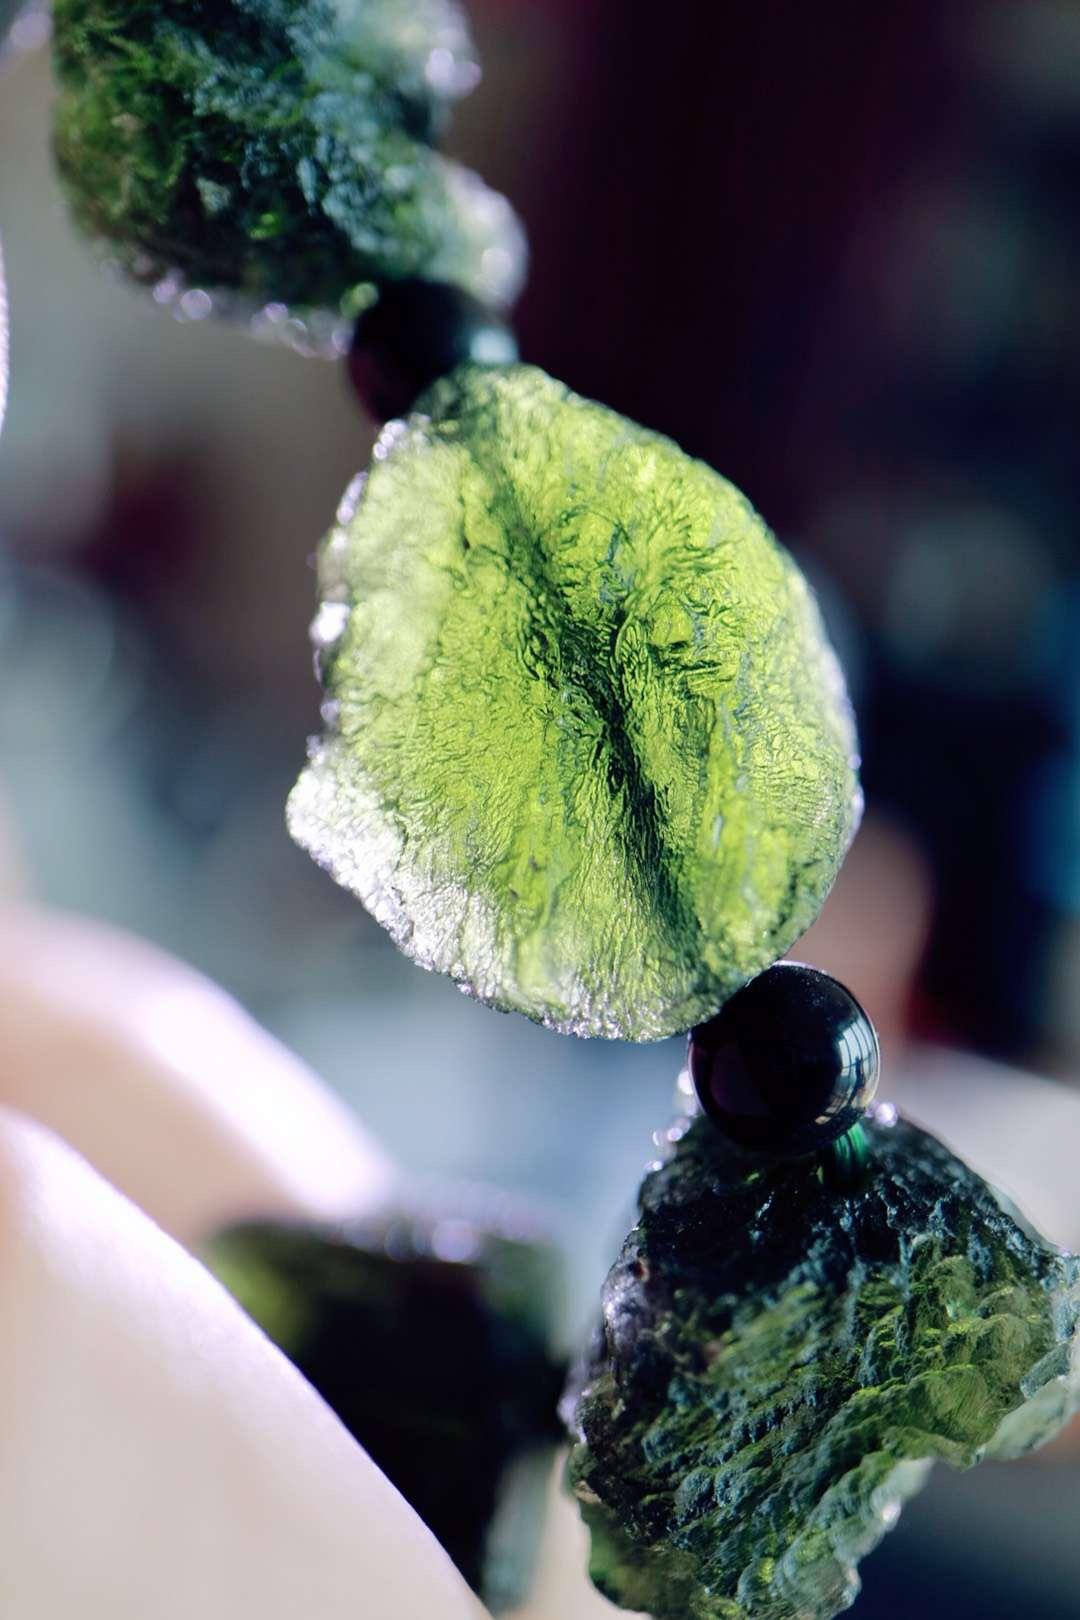 【菩心捷克陨石 | 原石手链】可以快速驱散身体中的负能量-菩心晶舍